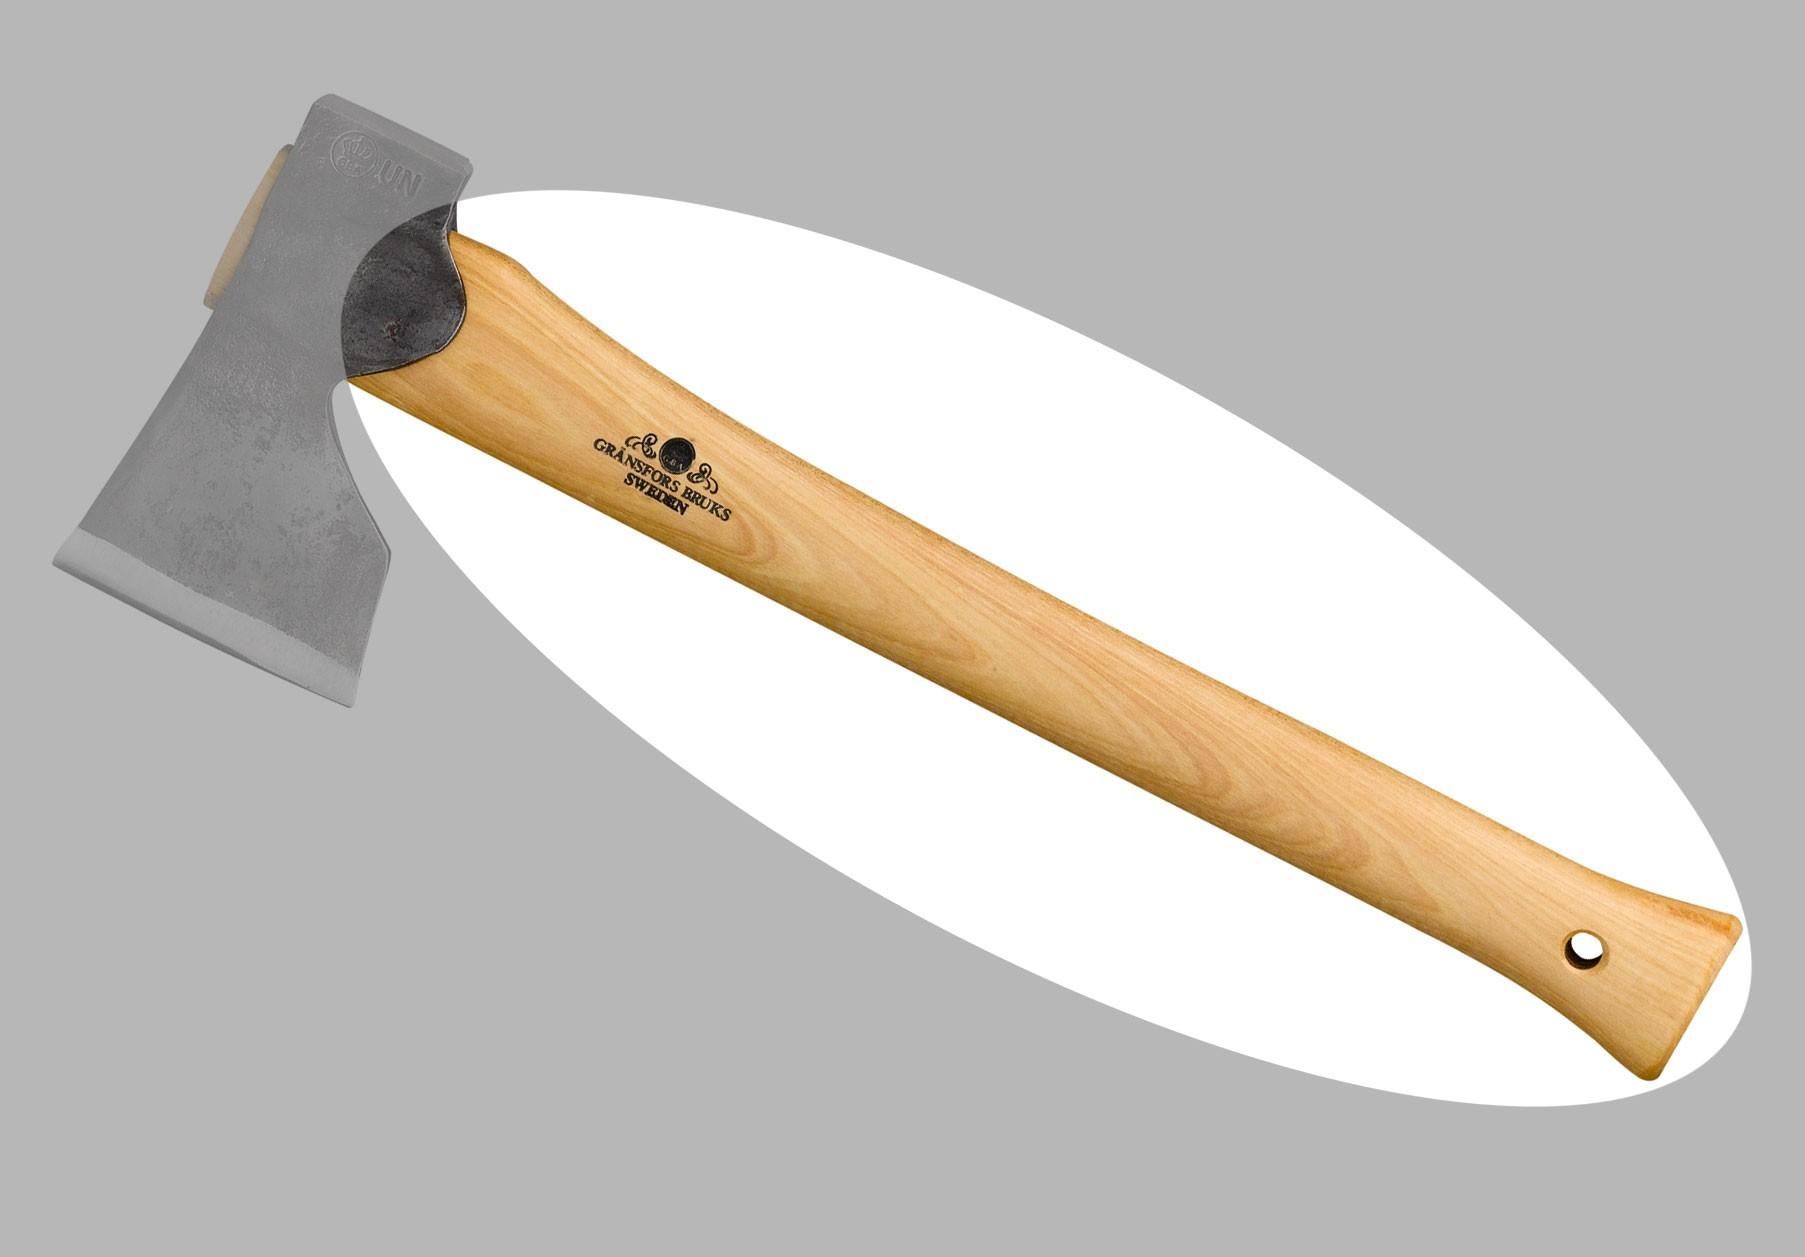 Ersatzstiel für Gränsfors Tischlerbeil 45cm 20-307 Bild 1